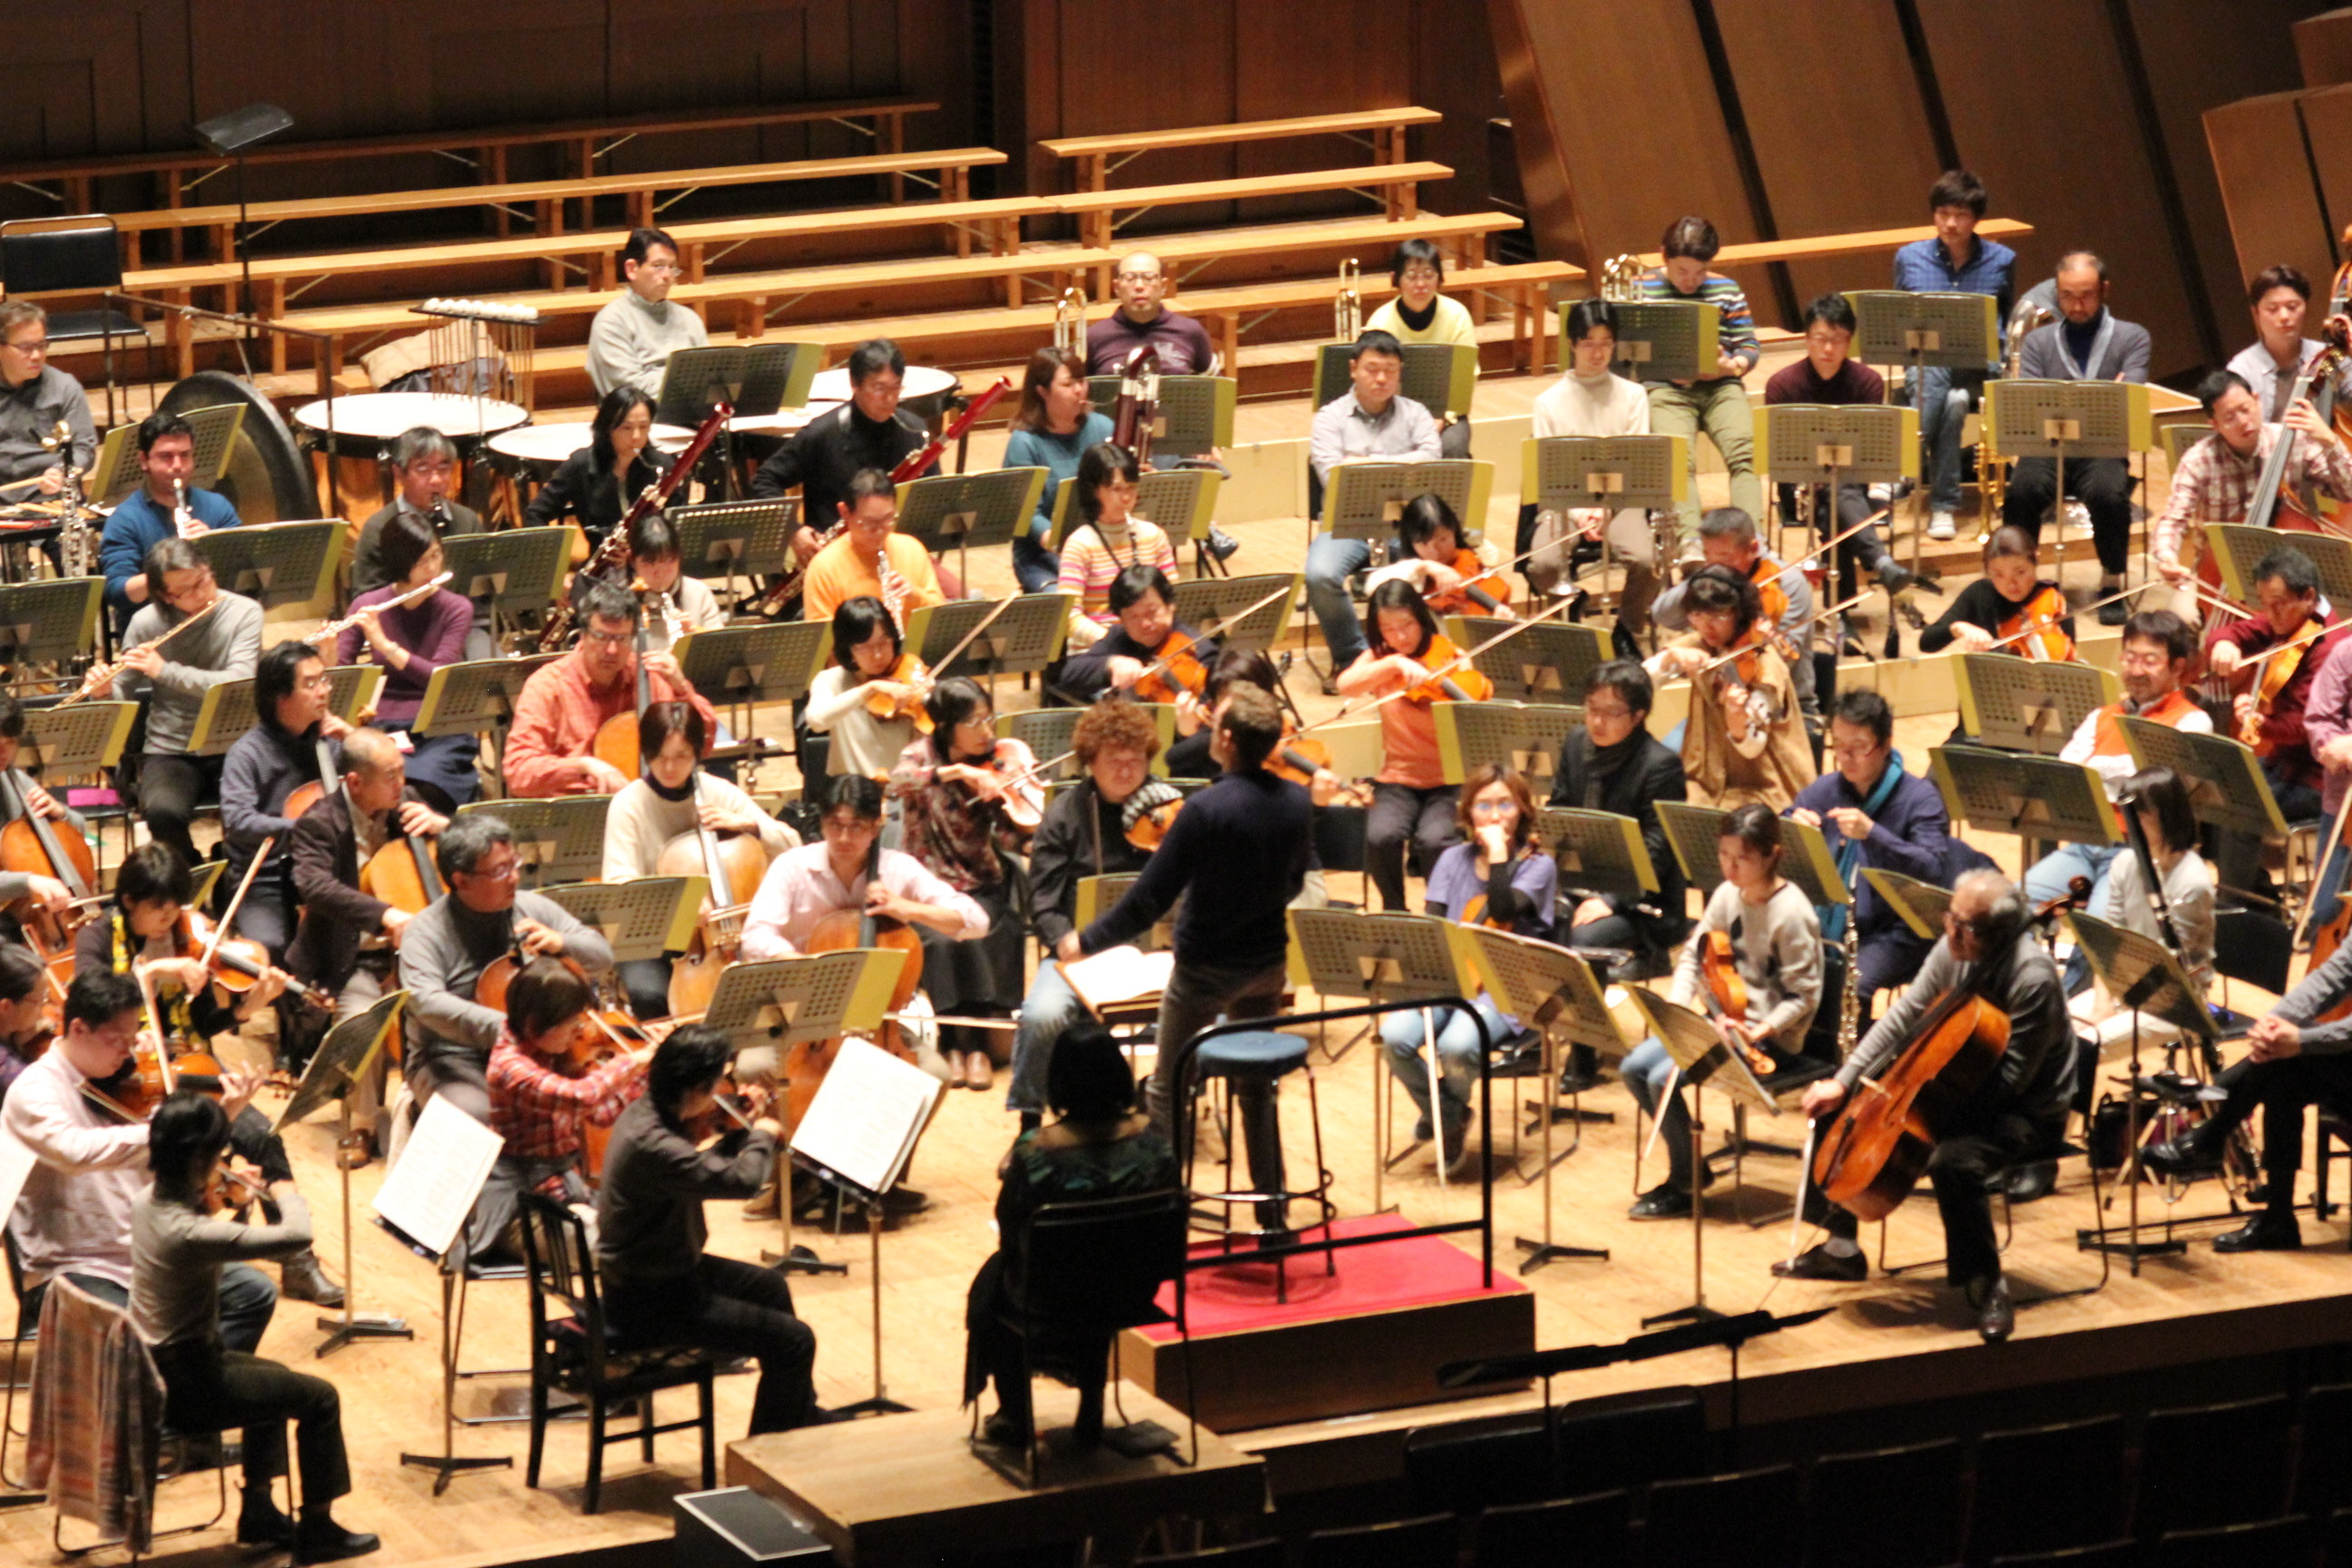 1月12日リハーサルの模様(新日本フィルハーモニー交響楽団 提供)